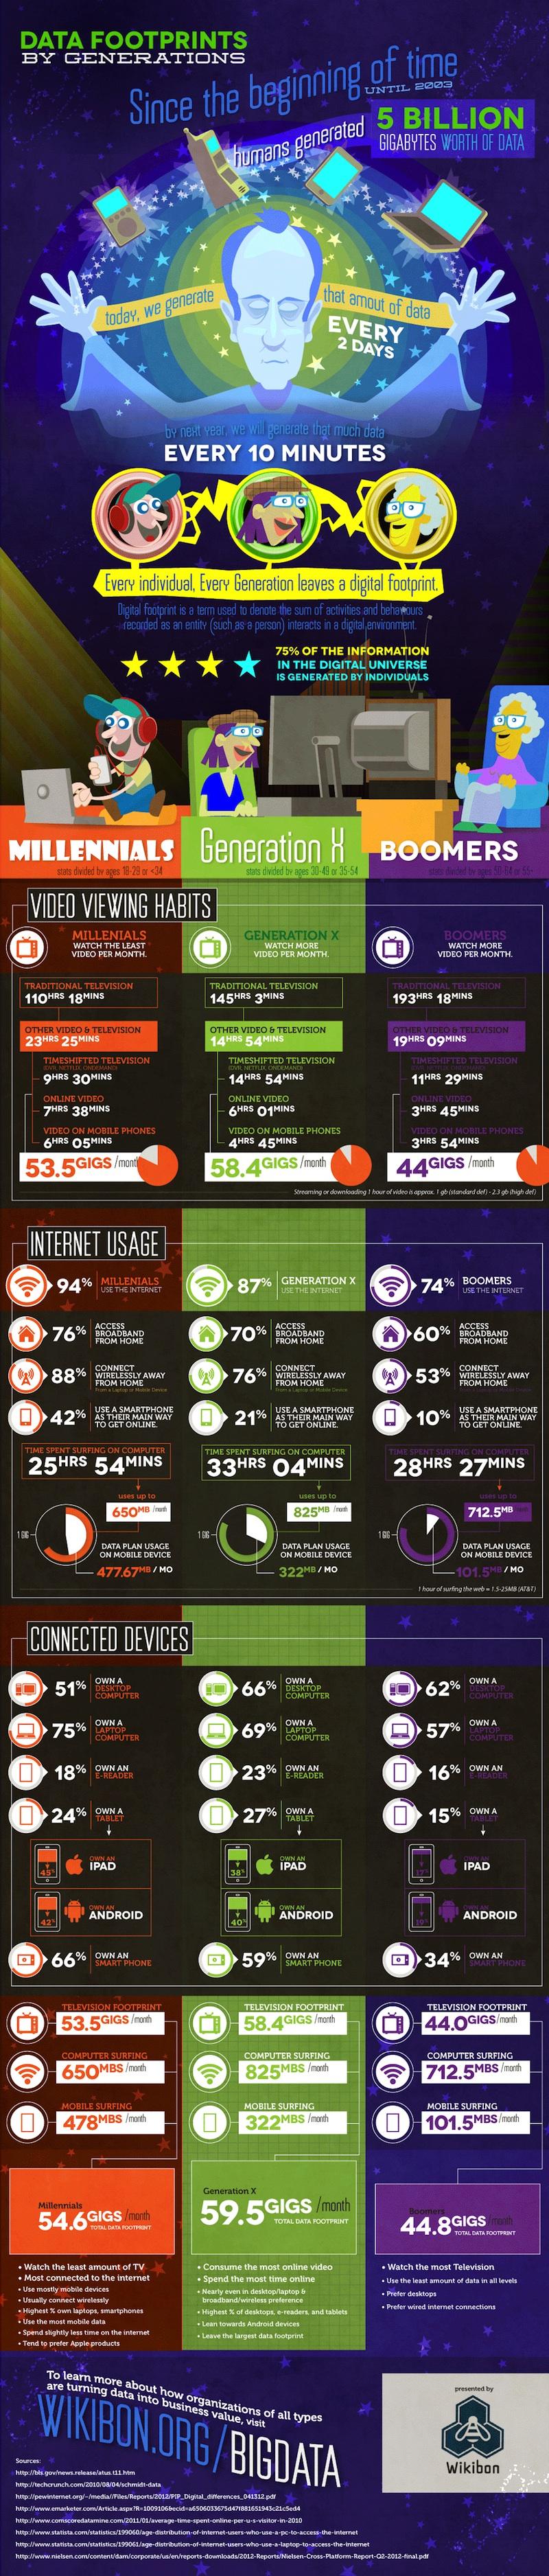 El consumo de Internet por generaciones